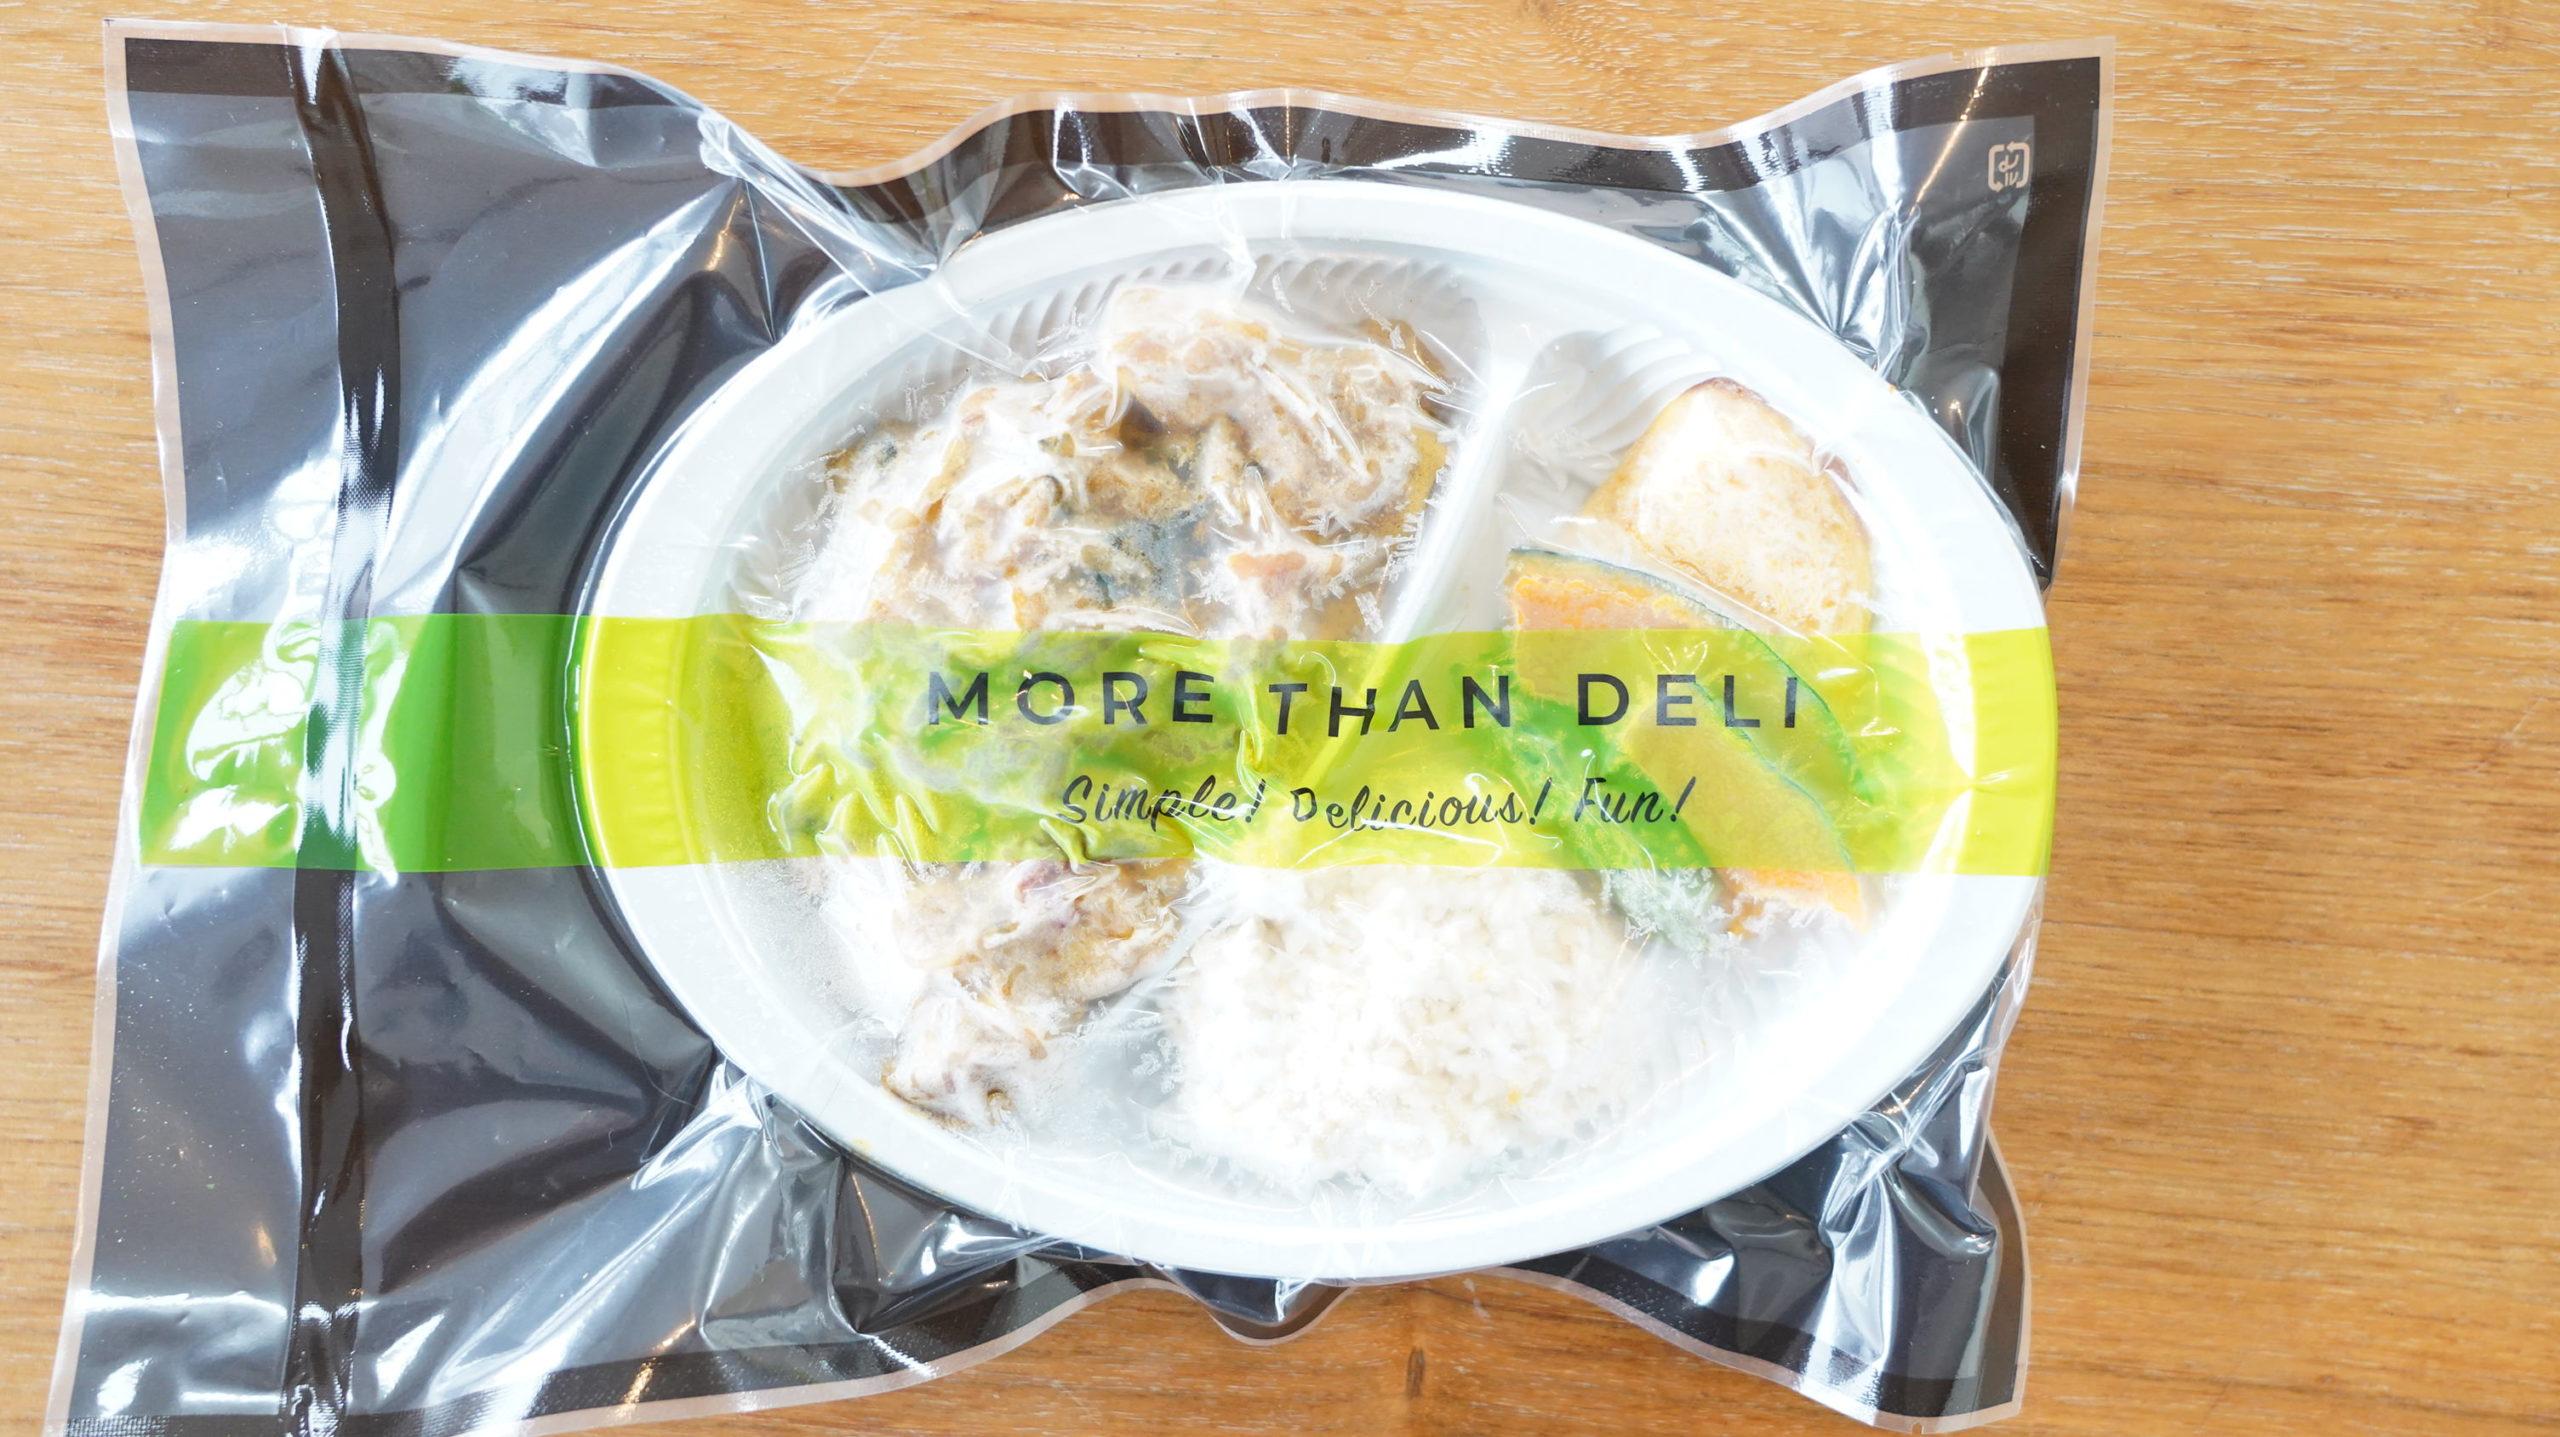 More than Deli(モアザンデリ)の冷凍弁当「鶏むね肉の野菜たっぷりカレー」のパッケージ写真